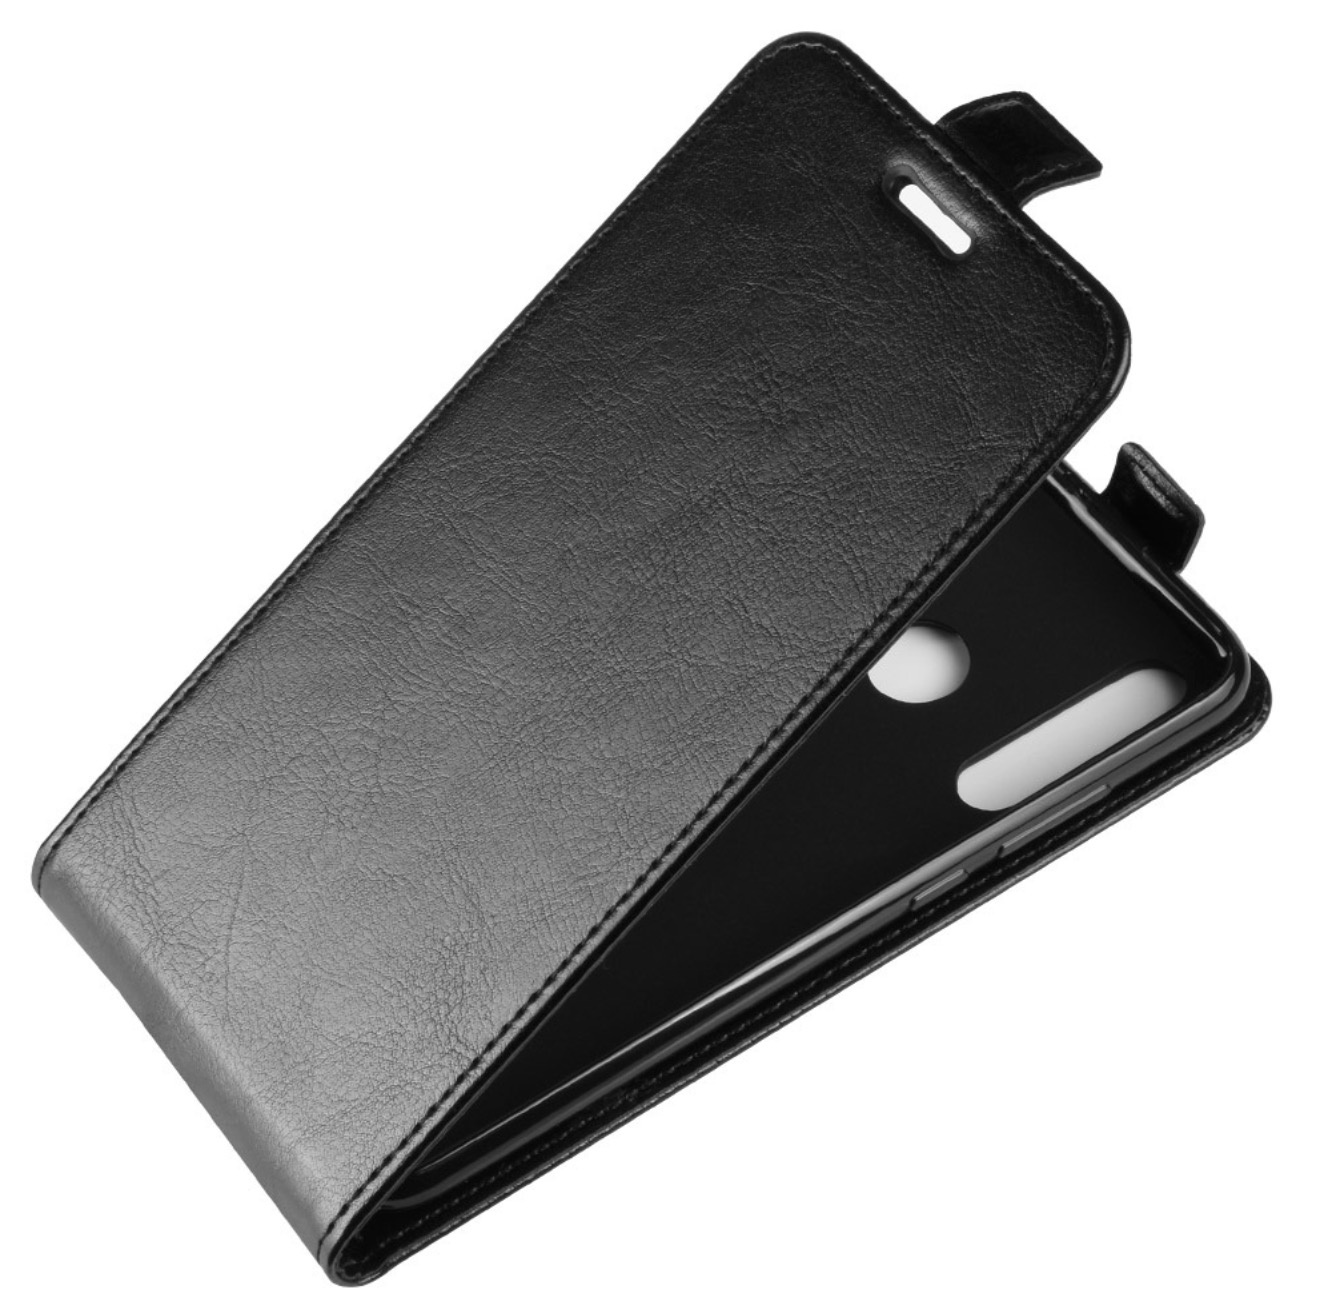 Чехол-флип MyPads для Lenovo K900 вертикальный откидной черный